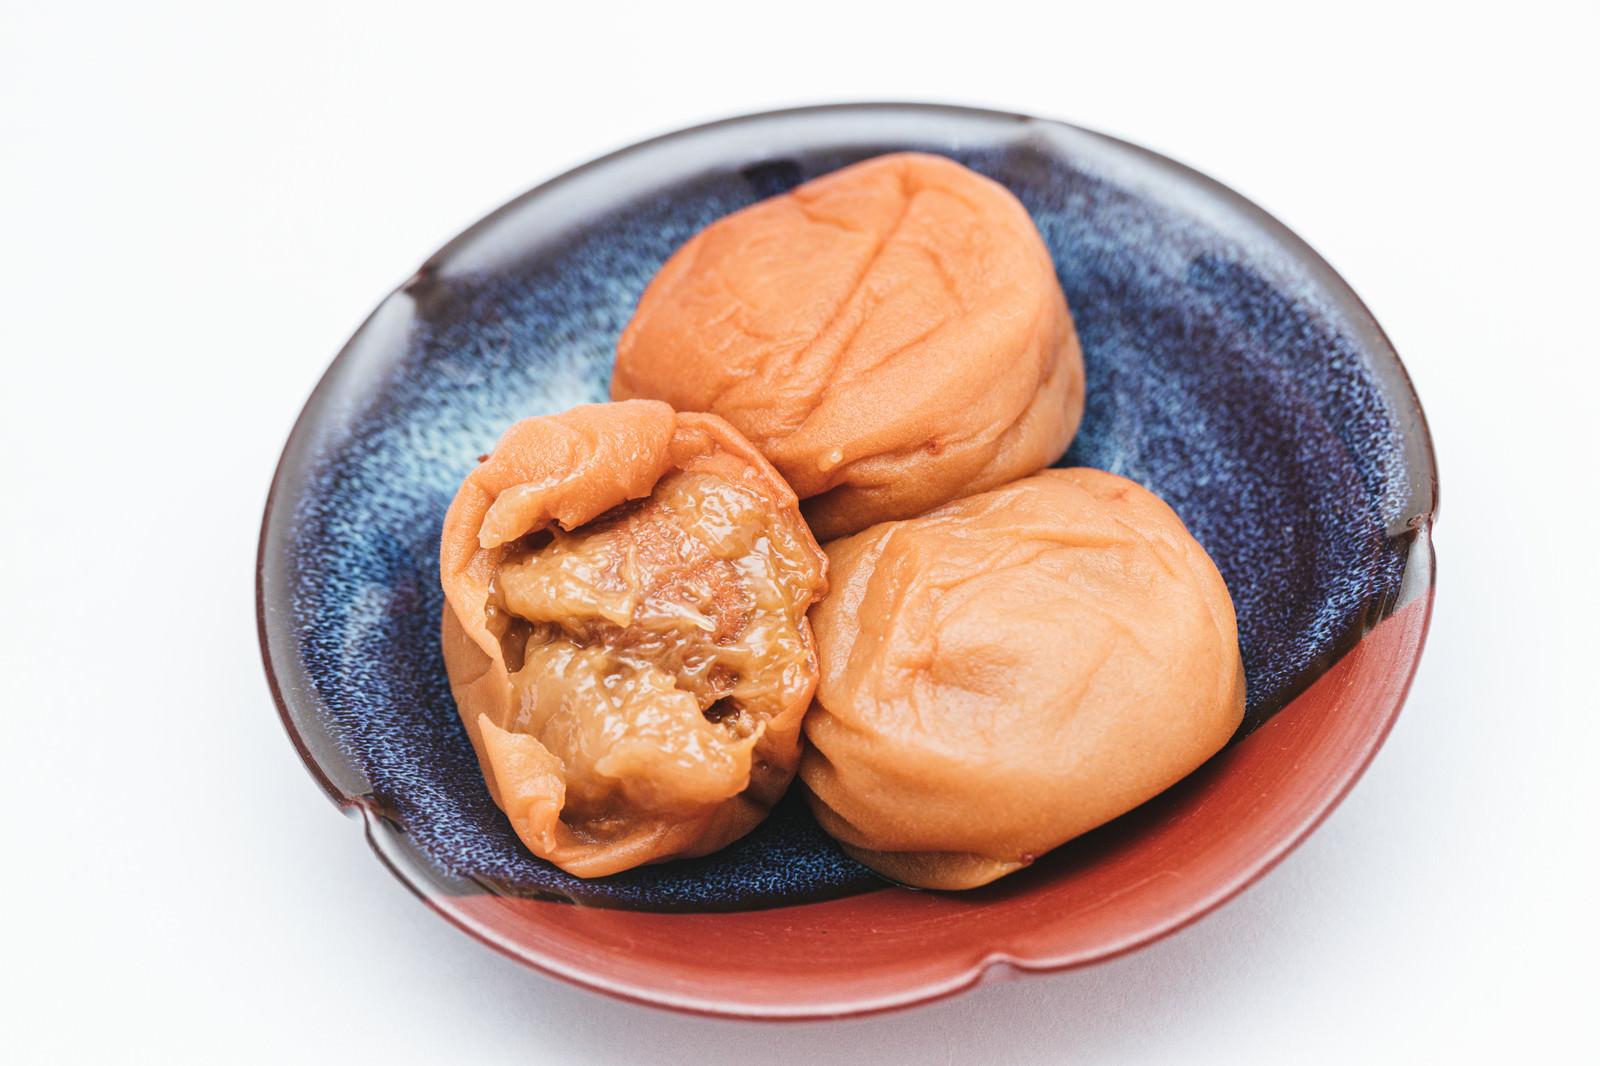 「梅肉部分の丸出し梅干し」の写真